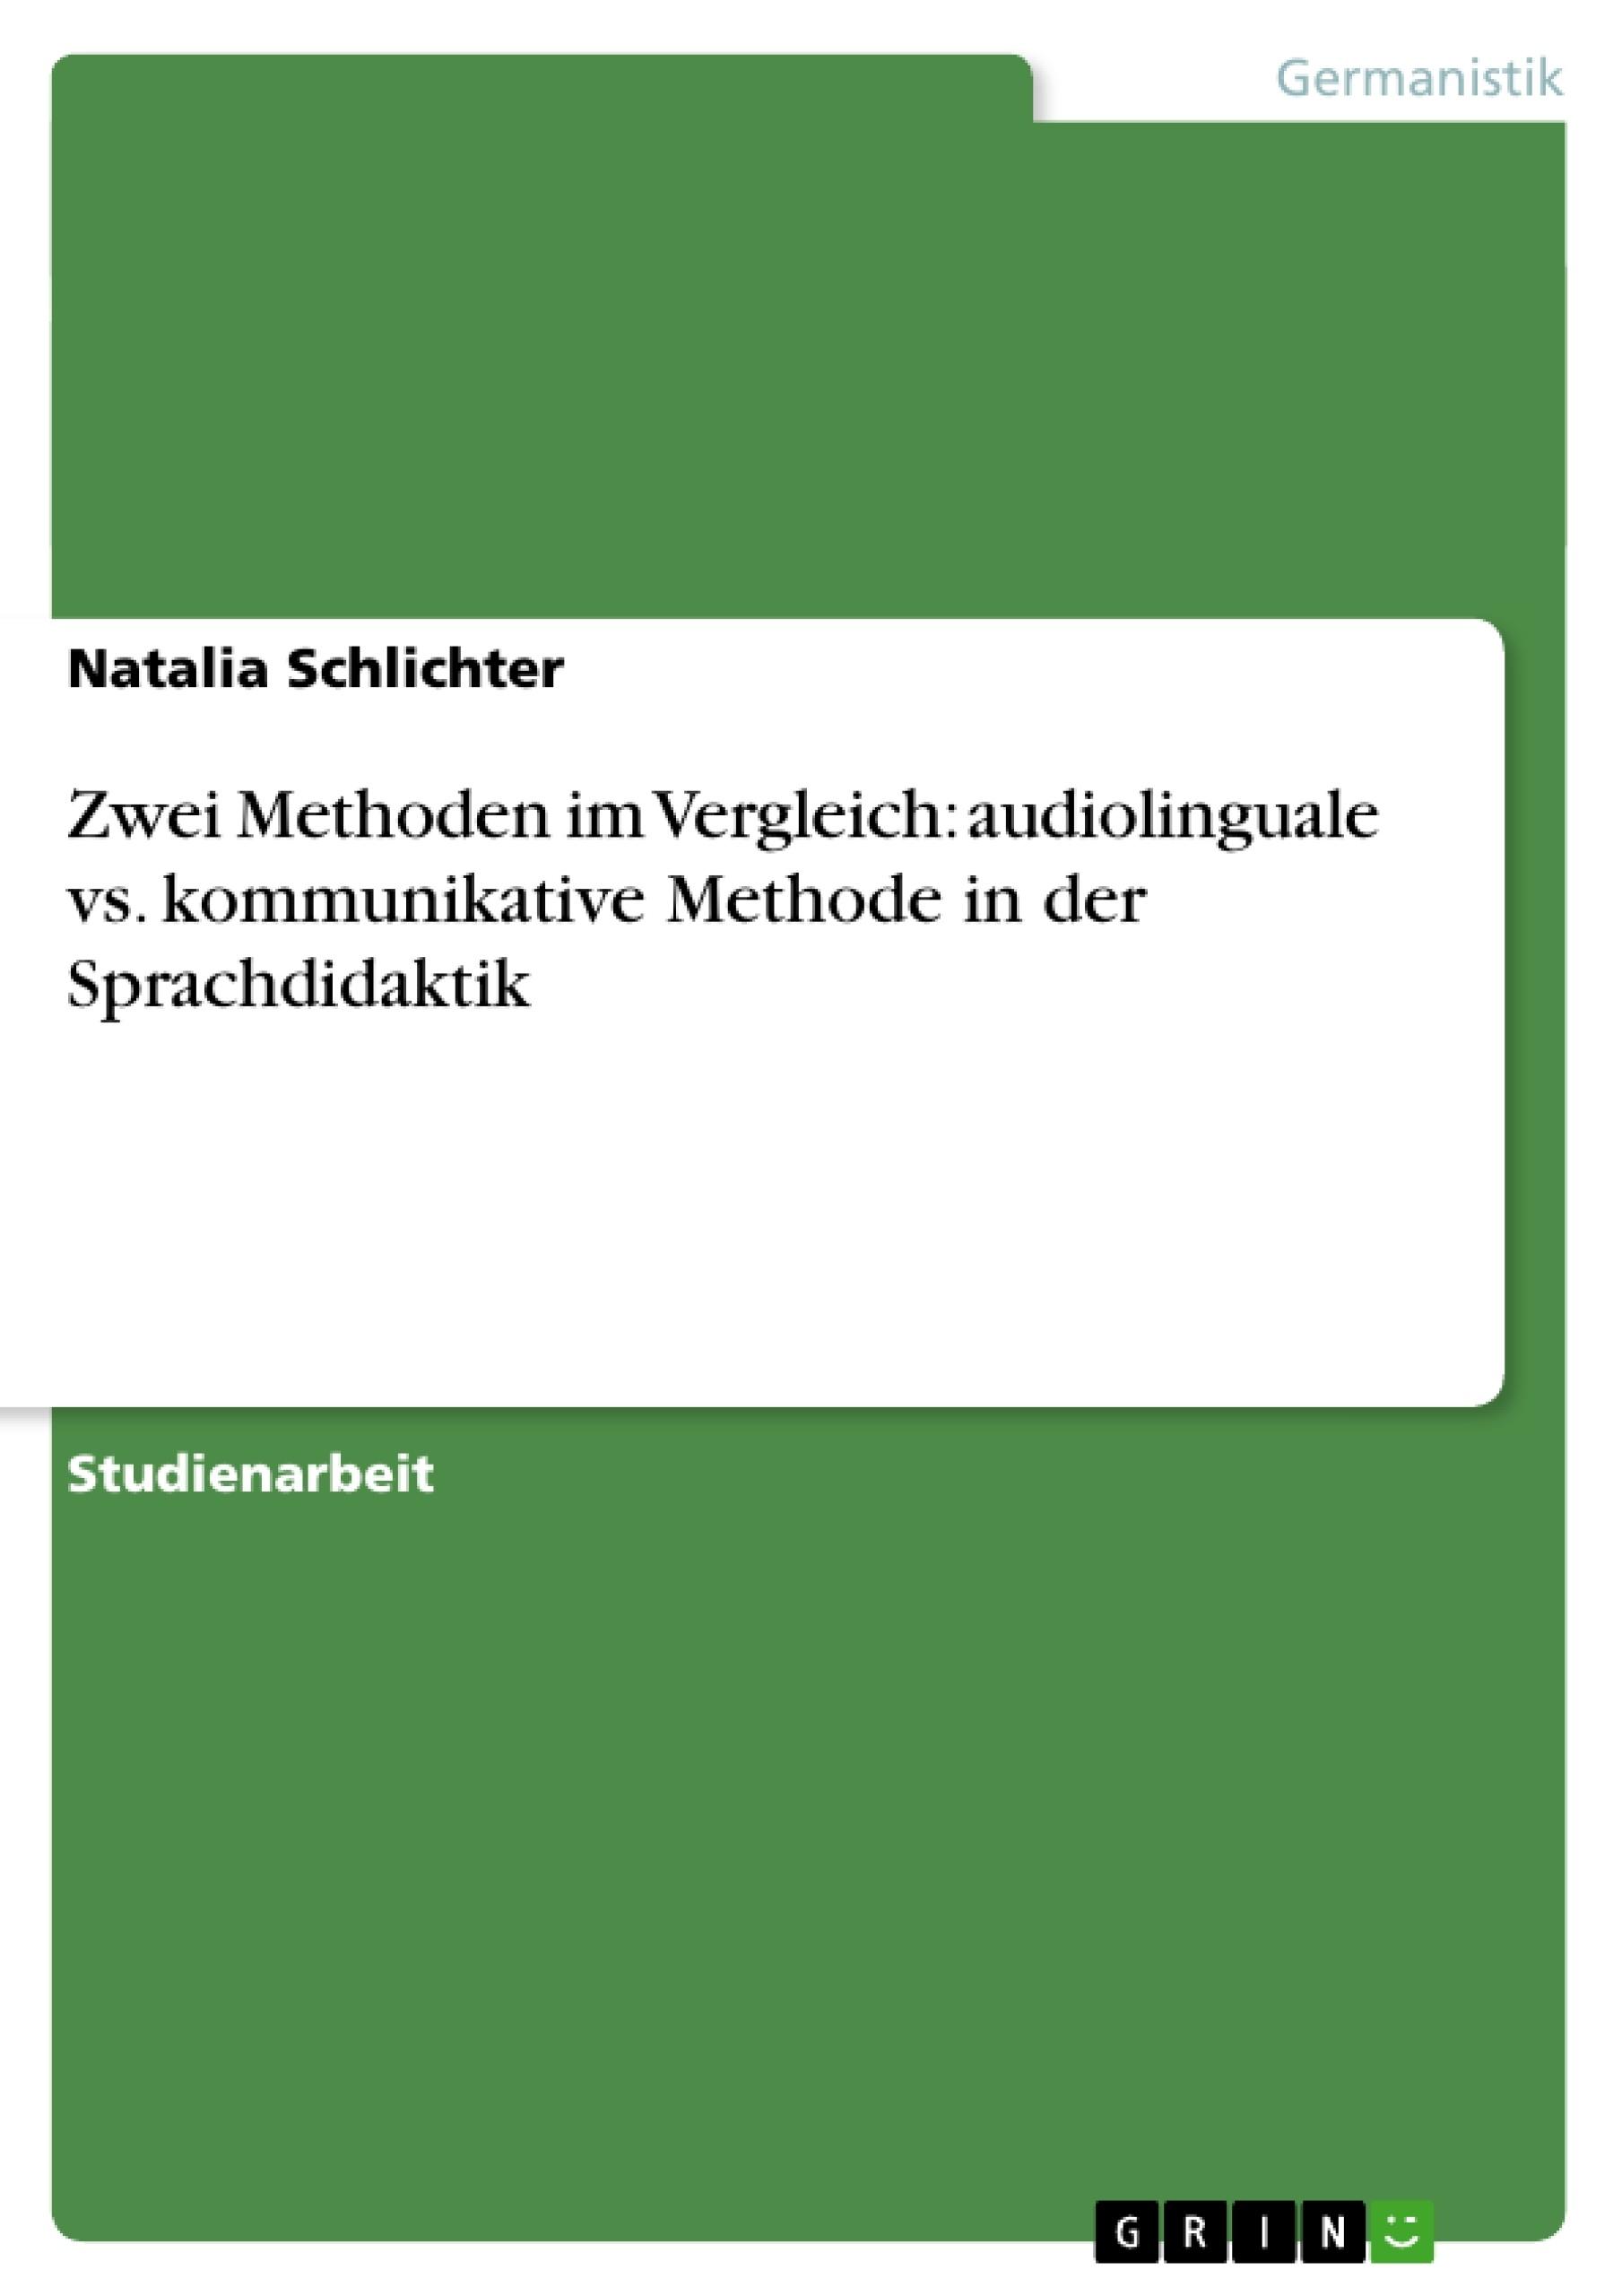 Titel: Zwei Methoden im Vergleich: audiolinguale vs. kommunikative Methode in der Sprachdidaktik